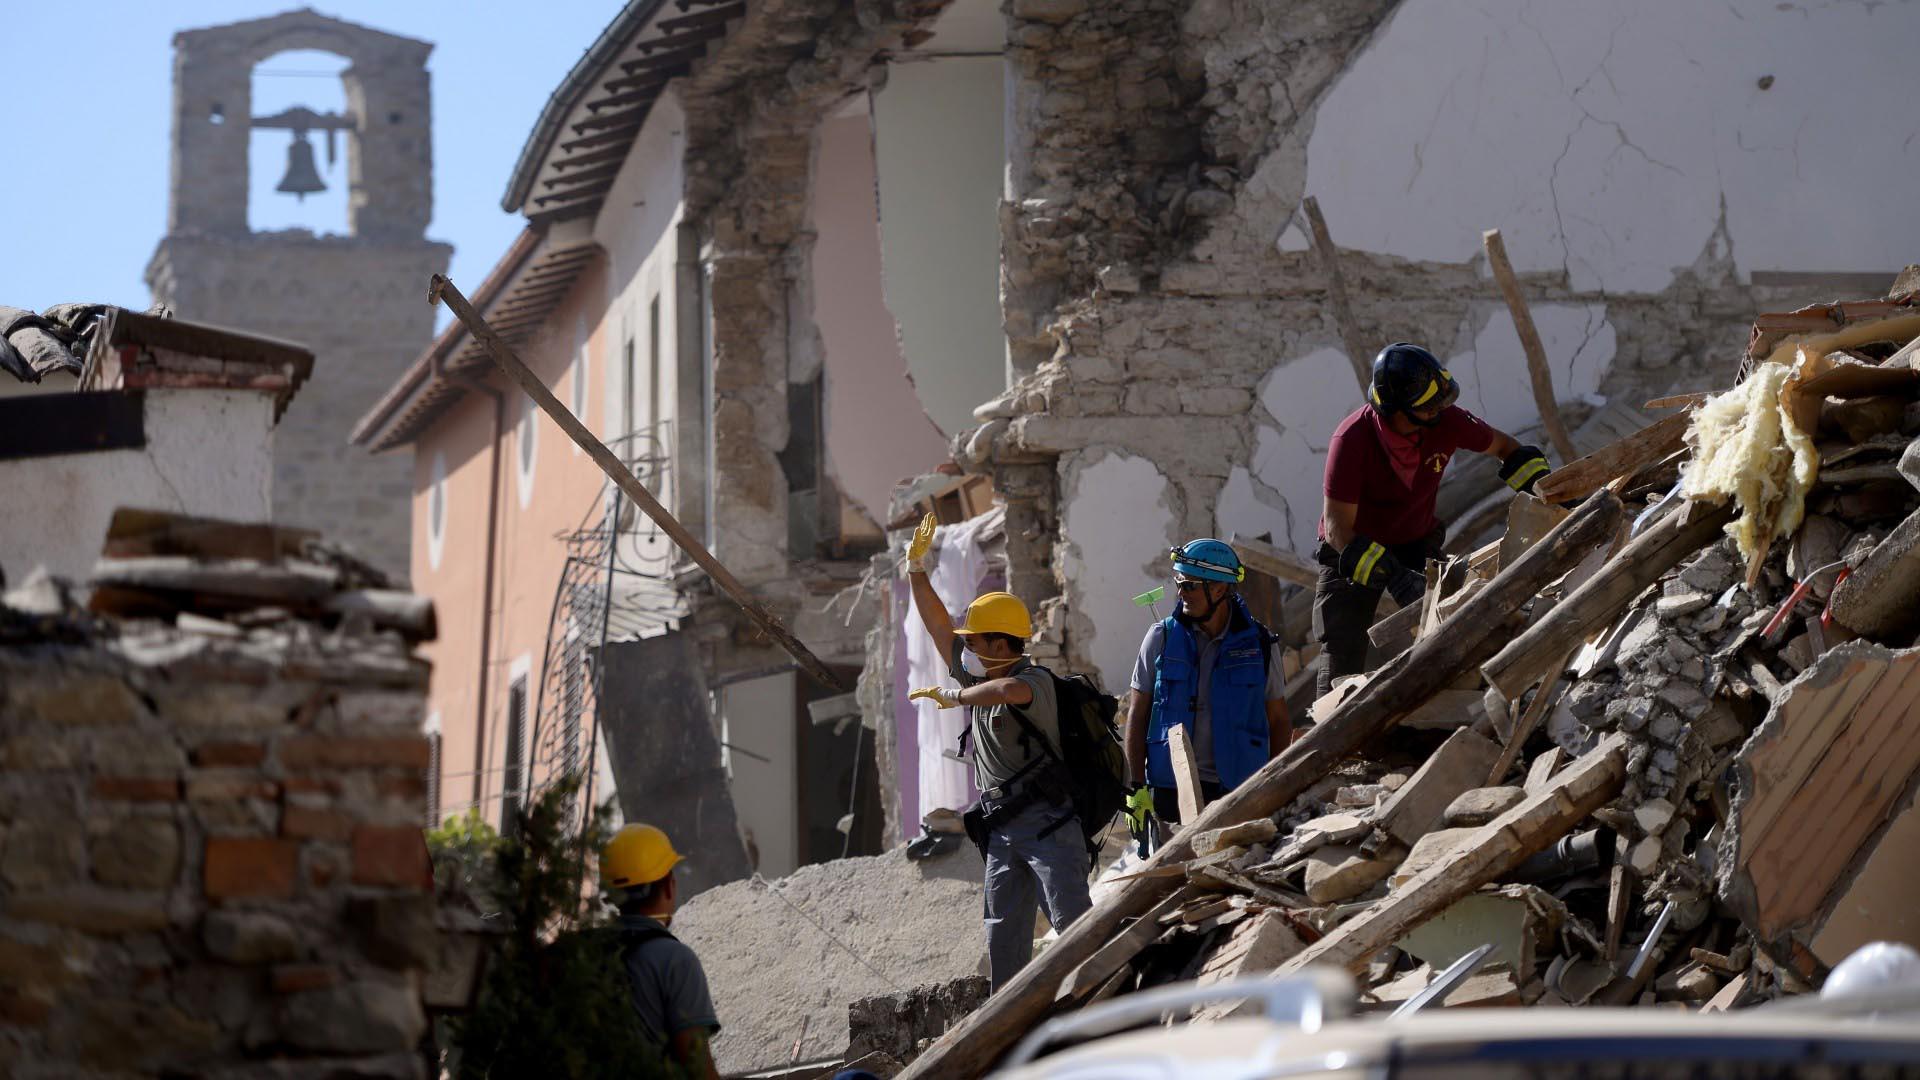 Terremoto de 5,9 que azotó al norte de Haití dejó al menos 11 muertos